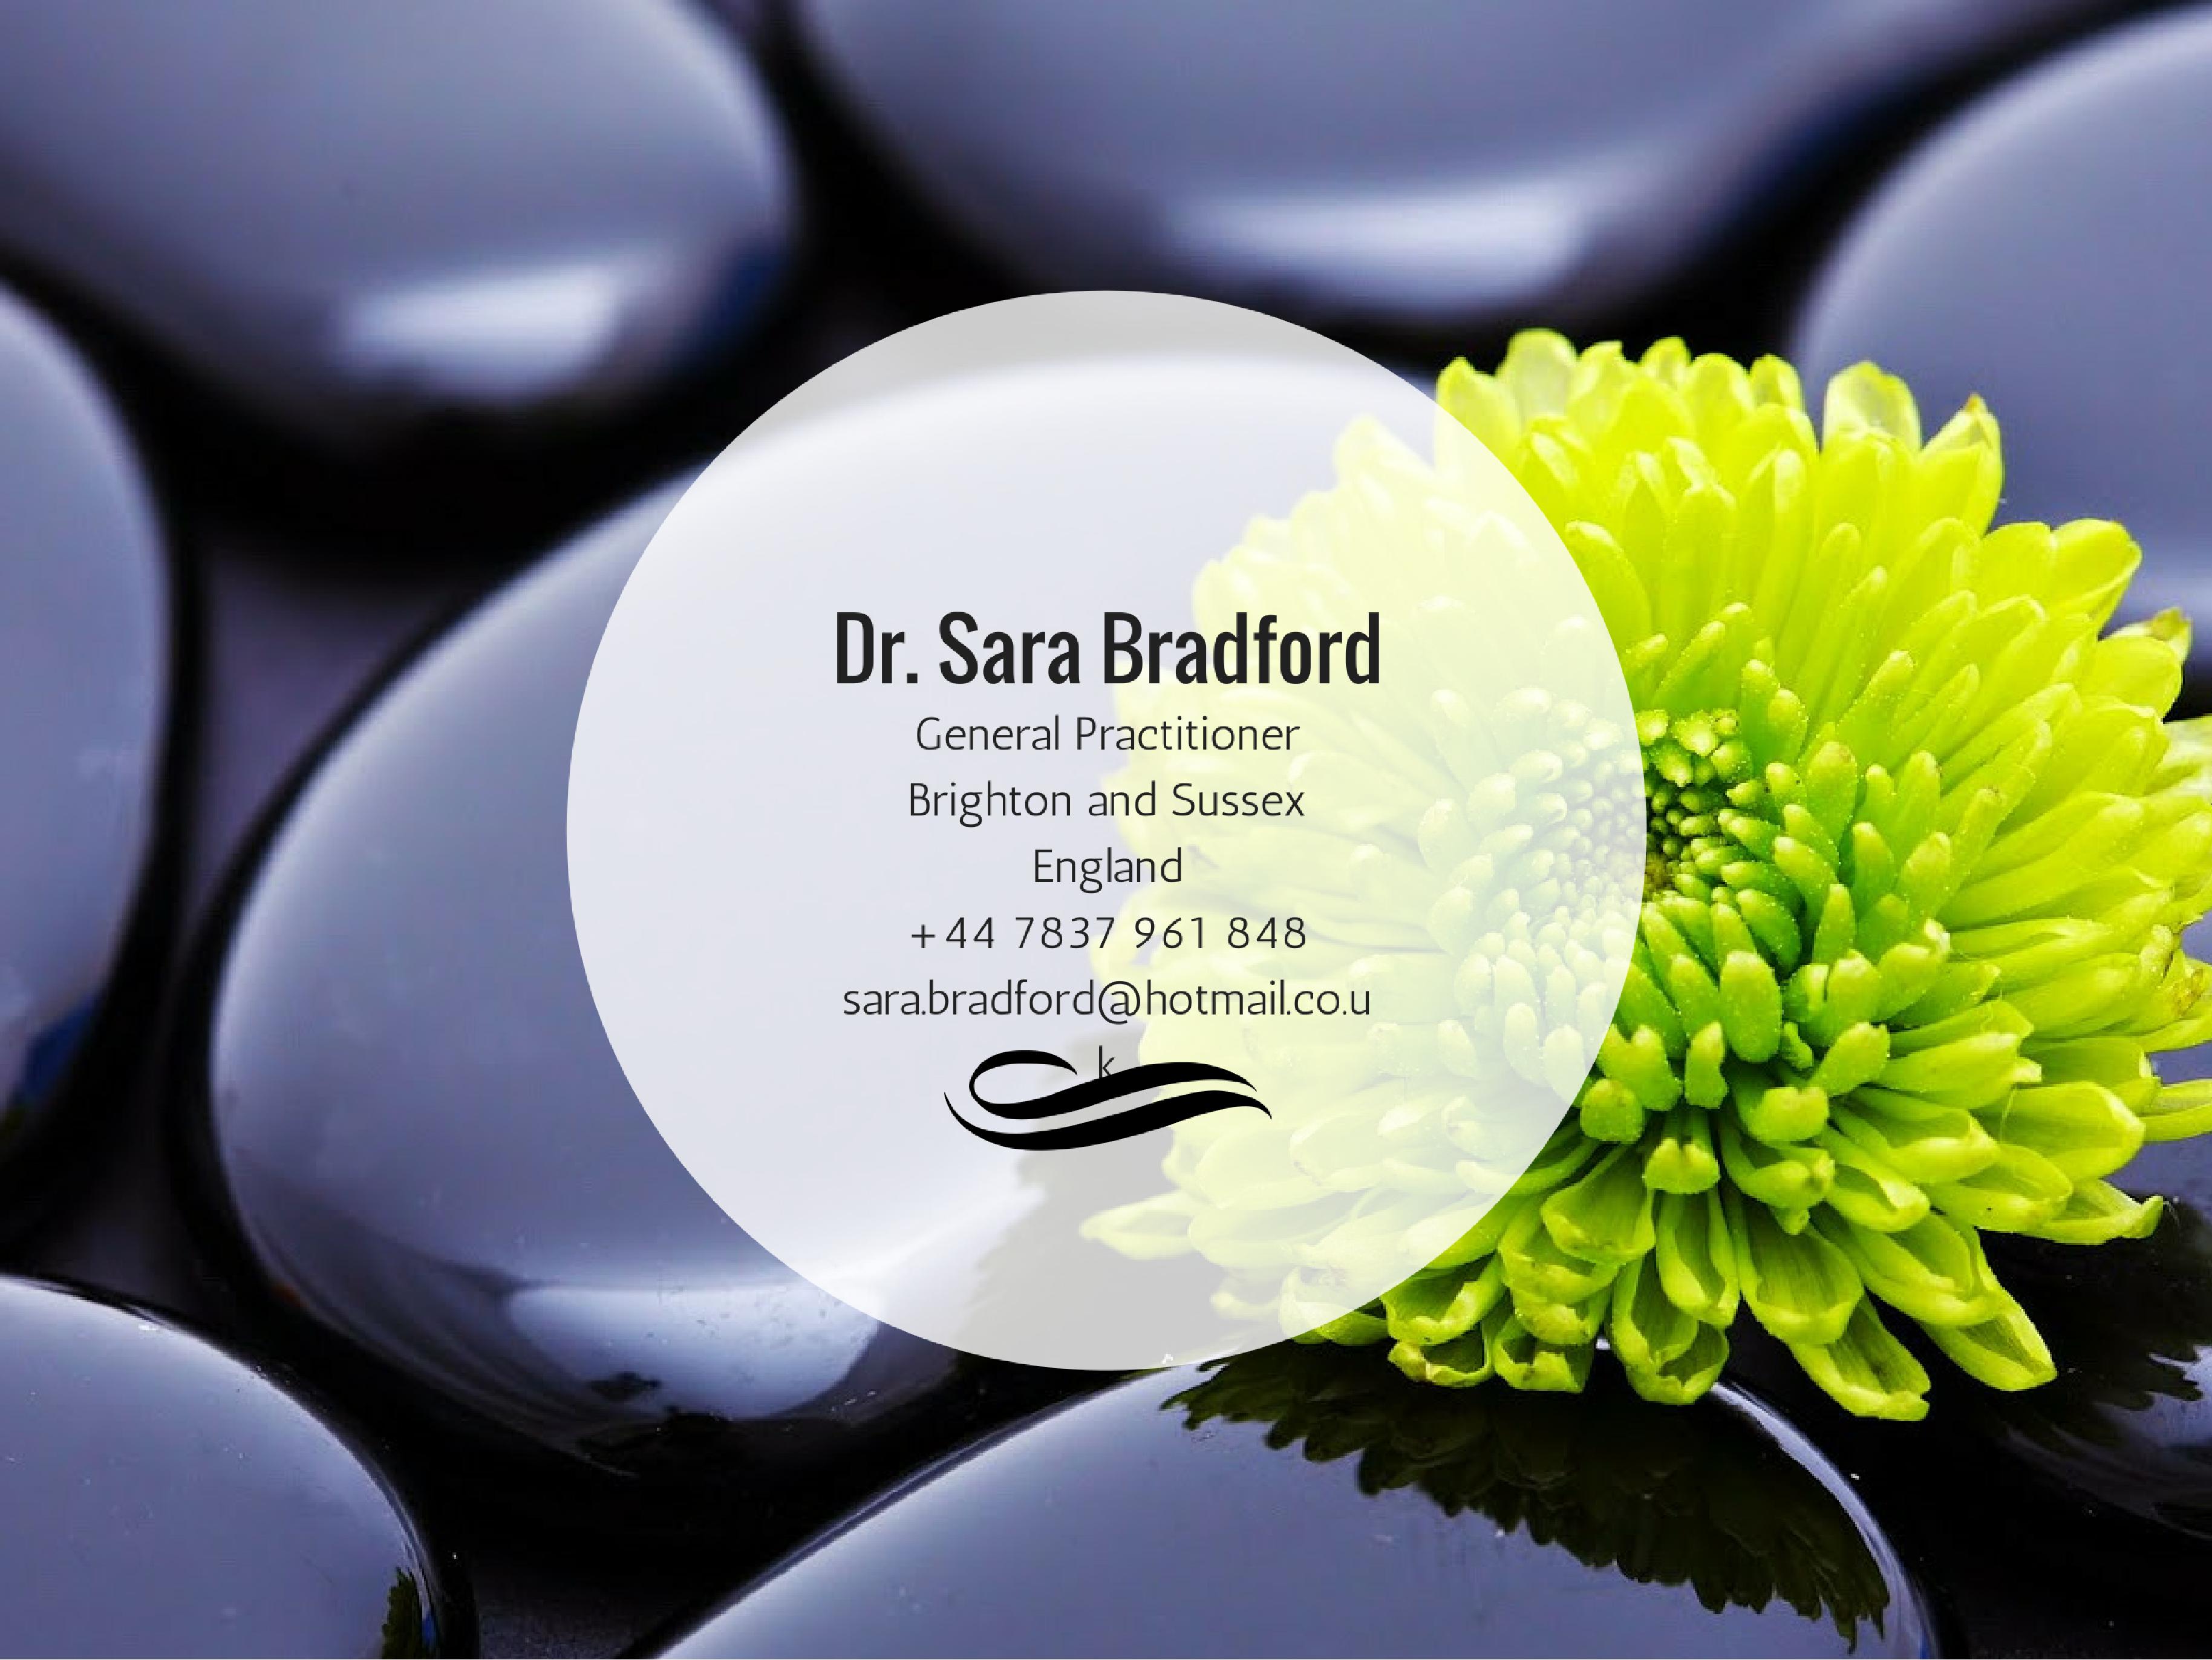 Dr. Sara Bradford